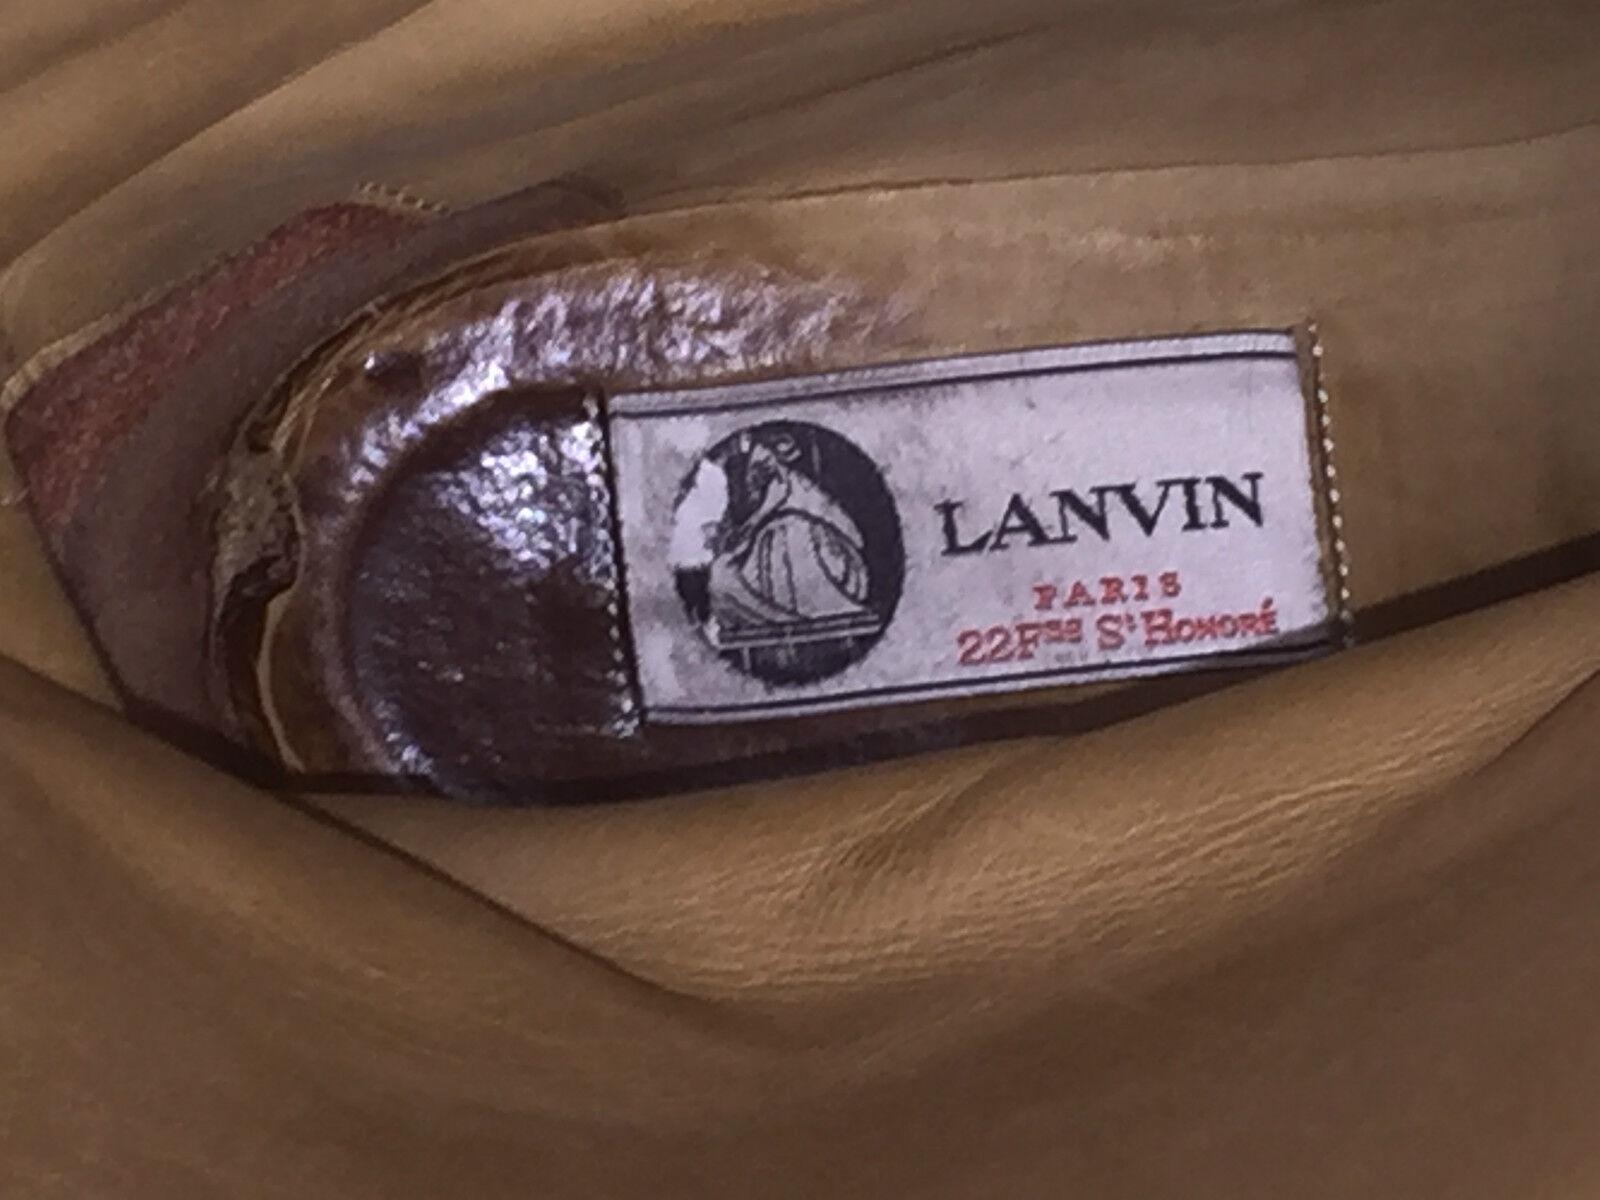 modelo más vendido de la marca Original lanvin Paris botas us piel botas Leather burdeo us botas 6 e0b4b0